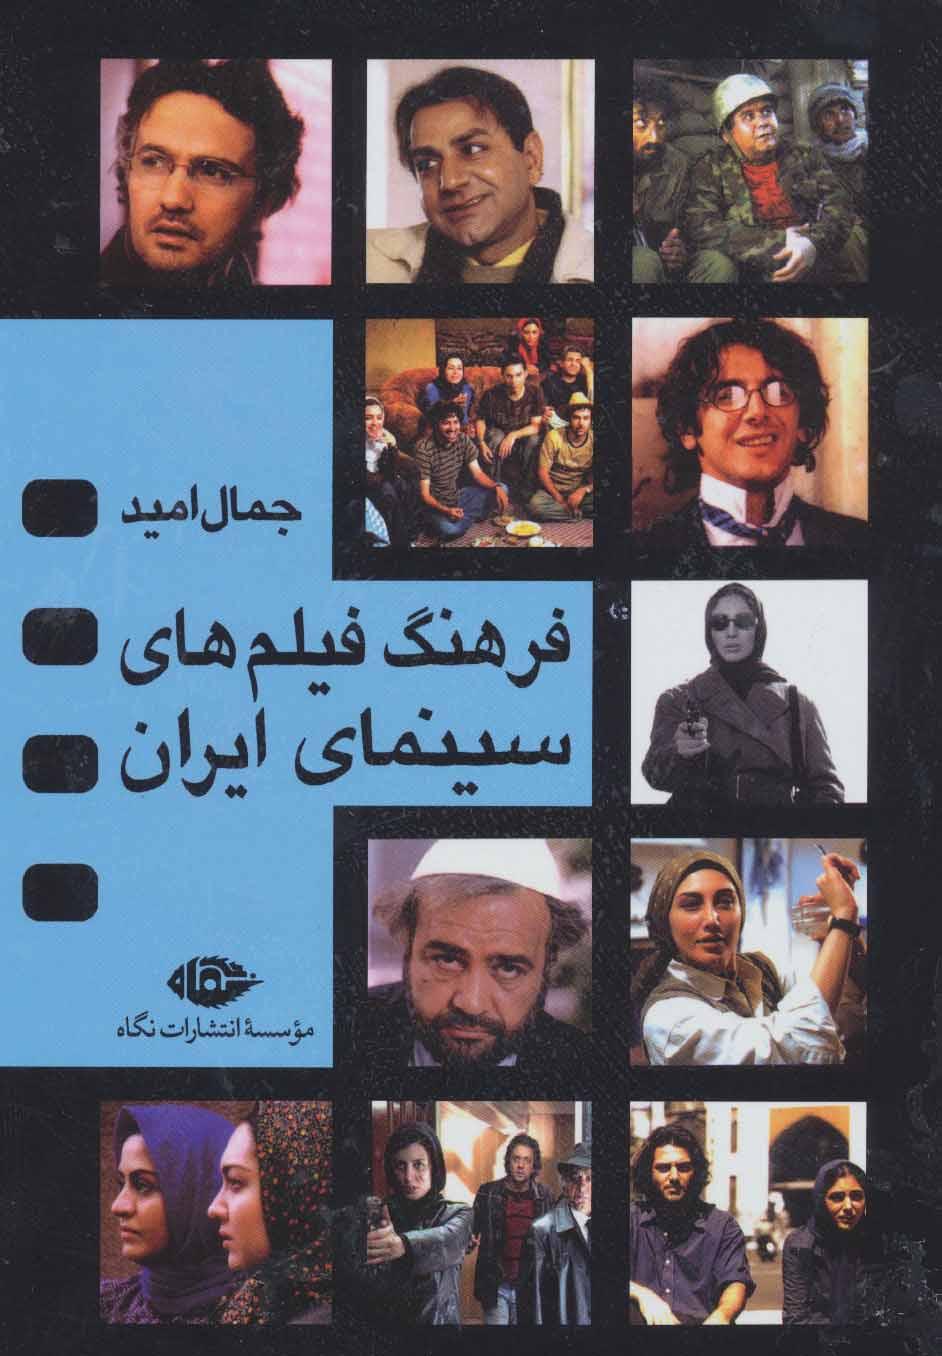 فرهنگ فیلم های سینمایی ایران (4جلدی،باقاب)